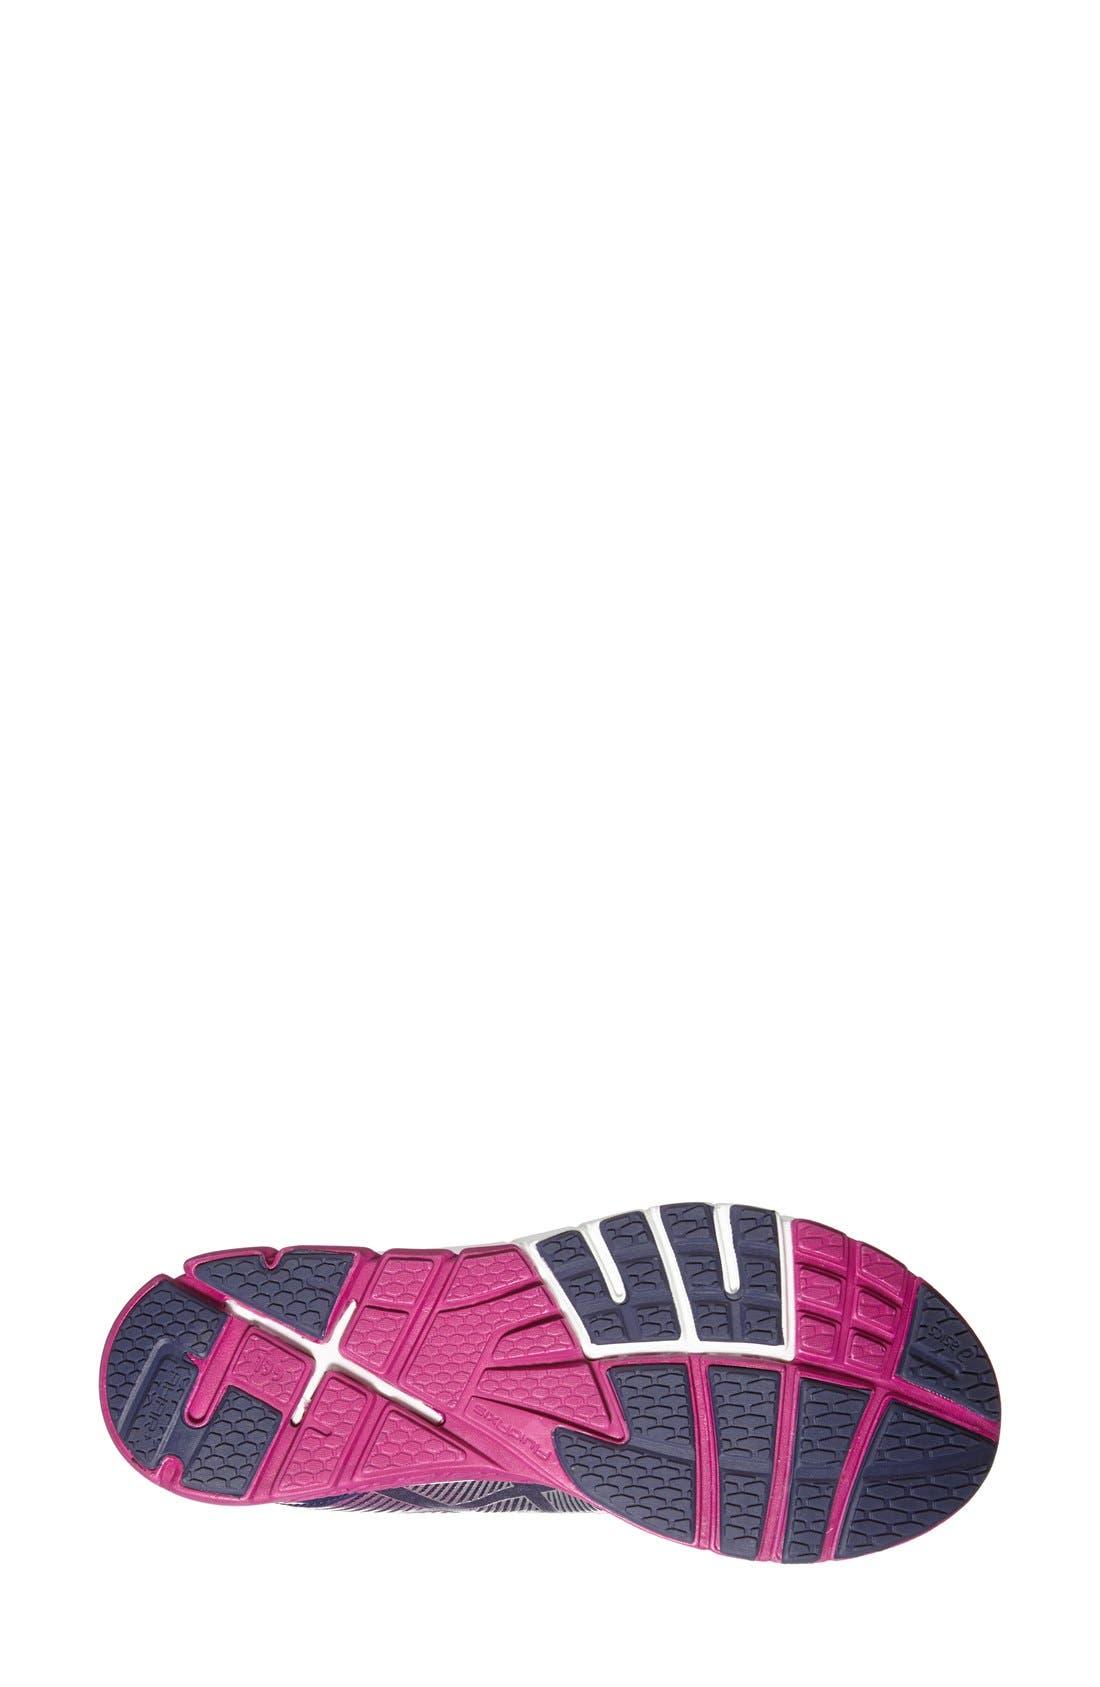 Alternate Image 4  - ASICS® 'GEL-Lyte 33 3.0' Running Shoe (Women) (Regular Retail Price: $84.95)